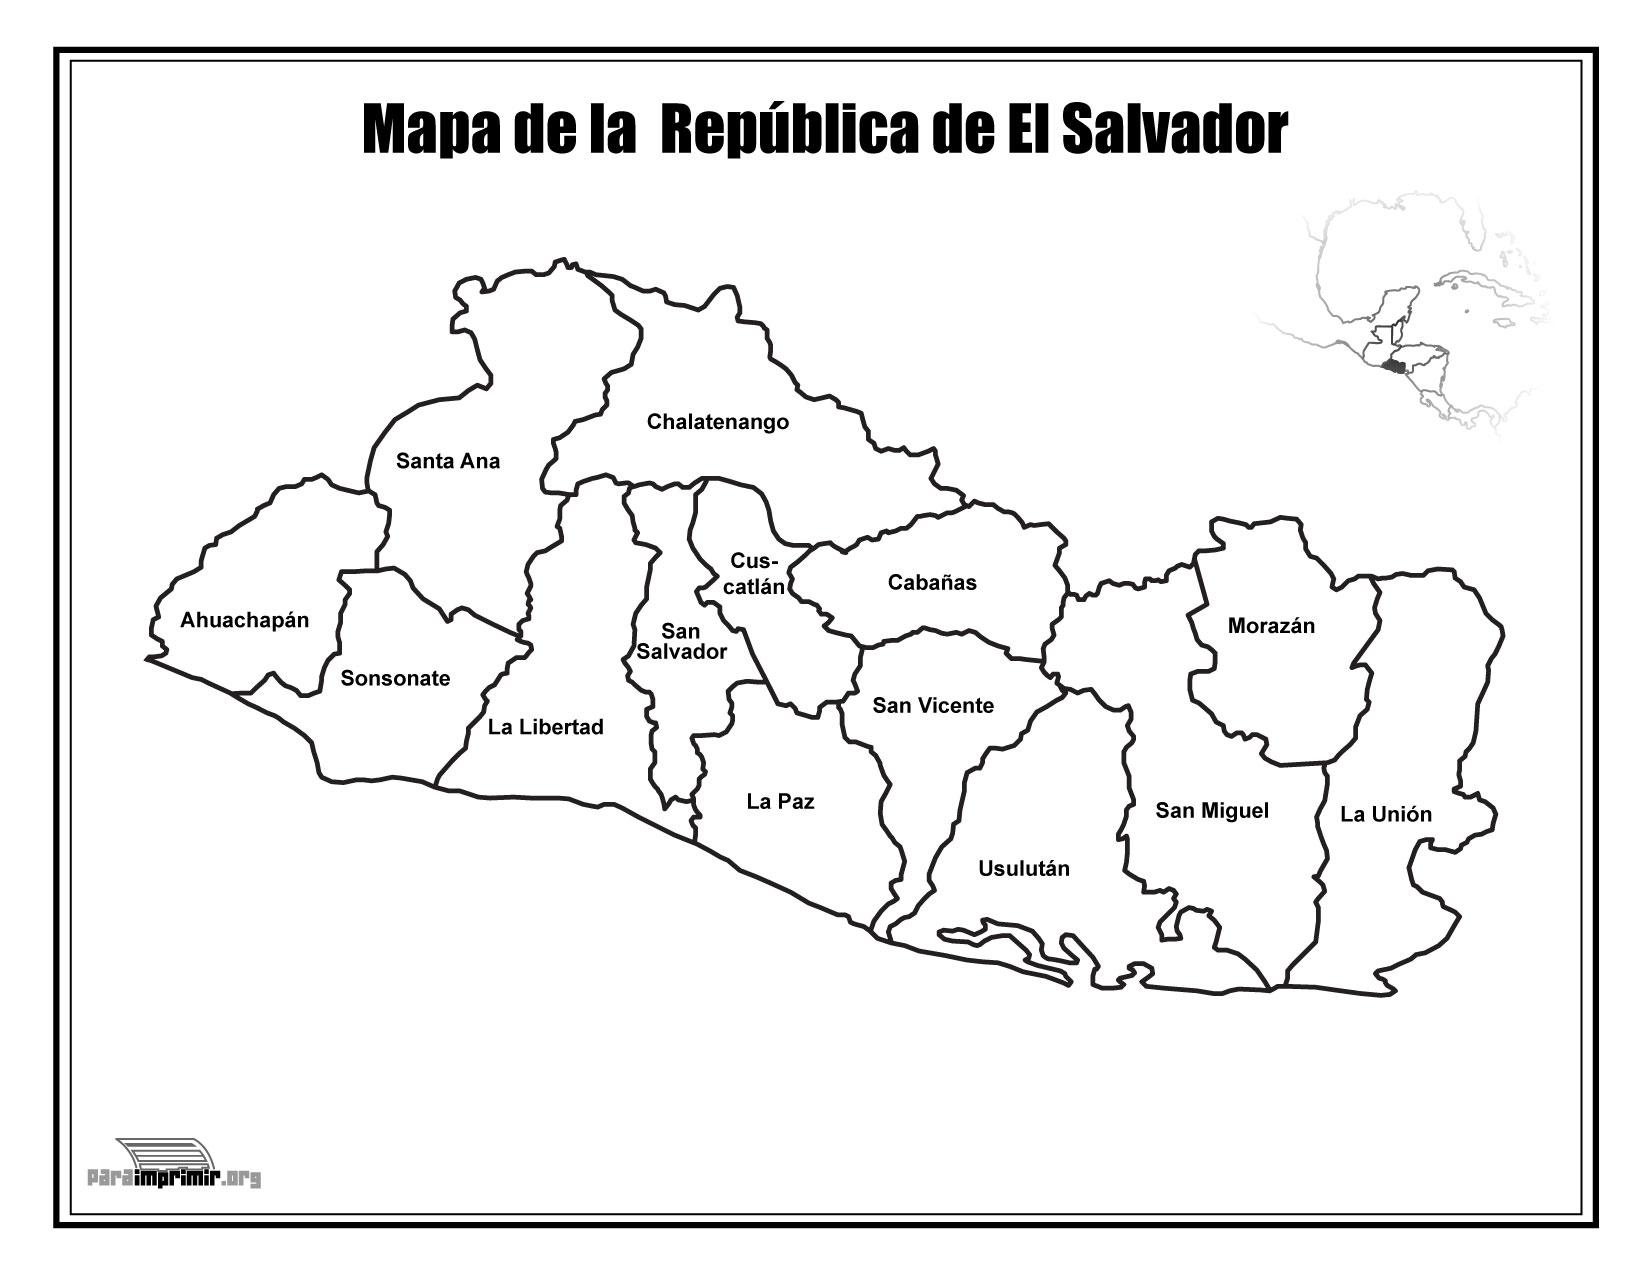 Mapa De El Salvador Con Nombres Para Imprimir